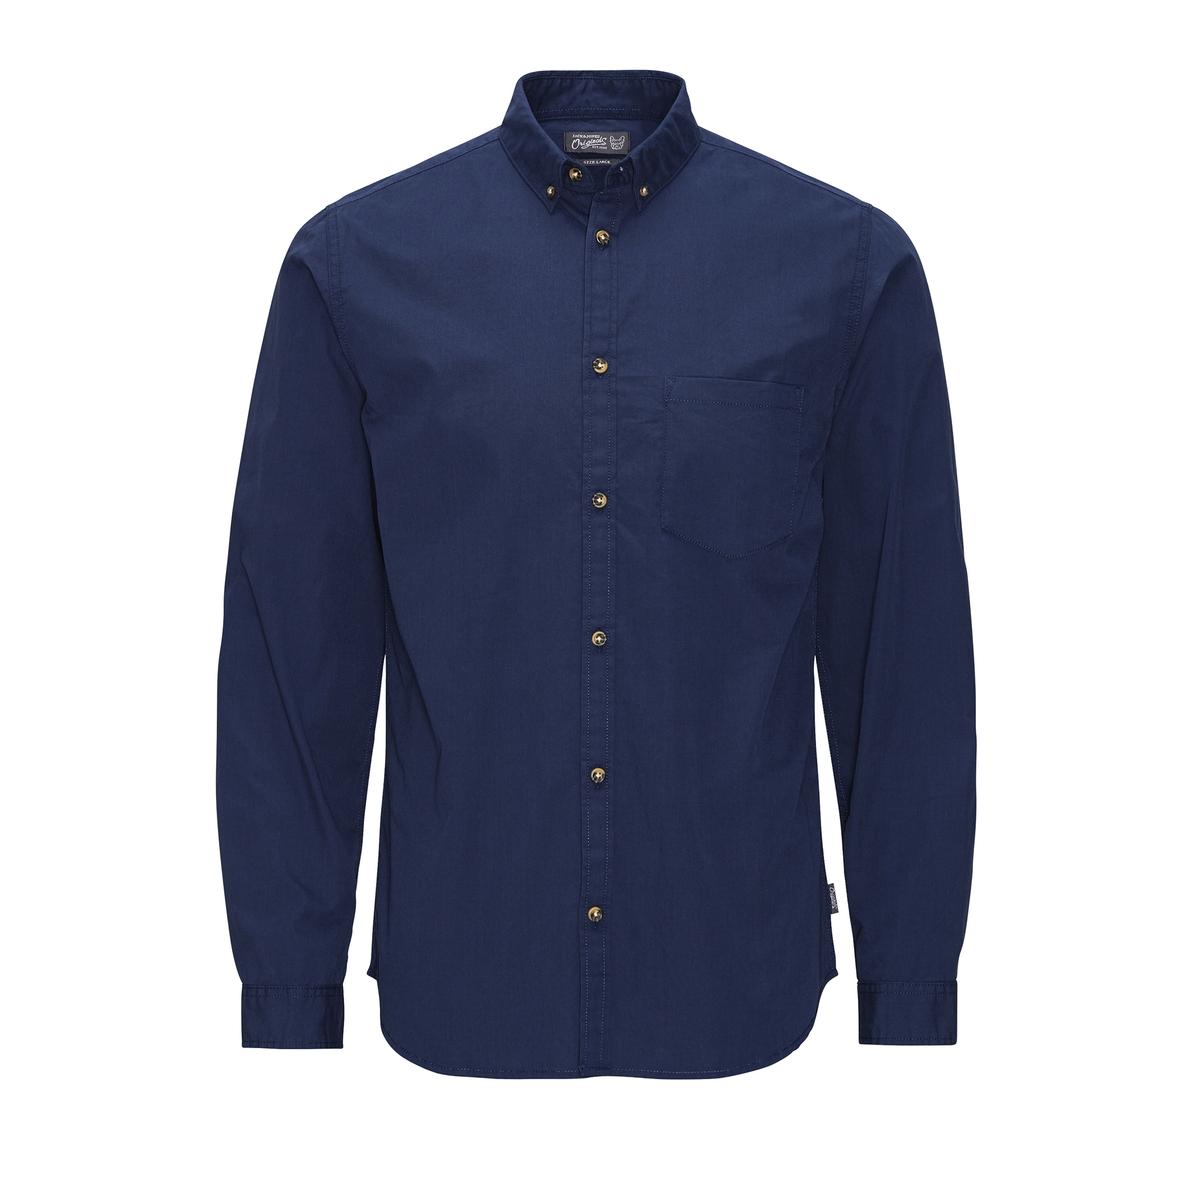 Рубашка с длинными рукавамиСостав и описаниеМатериал: 100% хлопок.Марка: JACK &amp; JONES.<br><br>Цвет: темно-синий